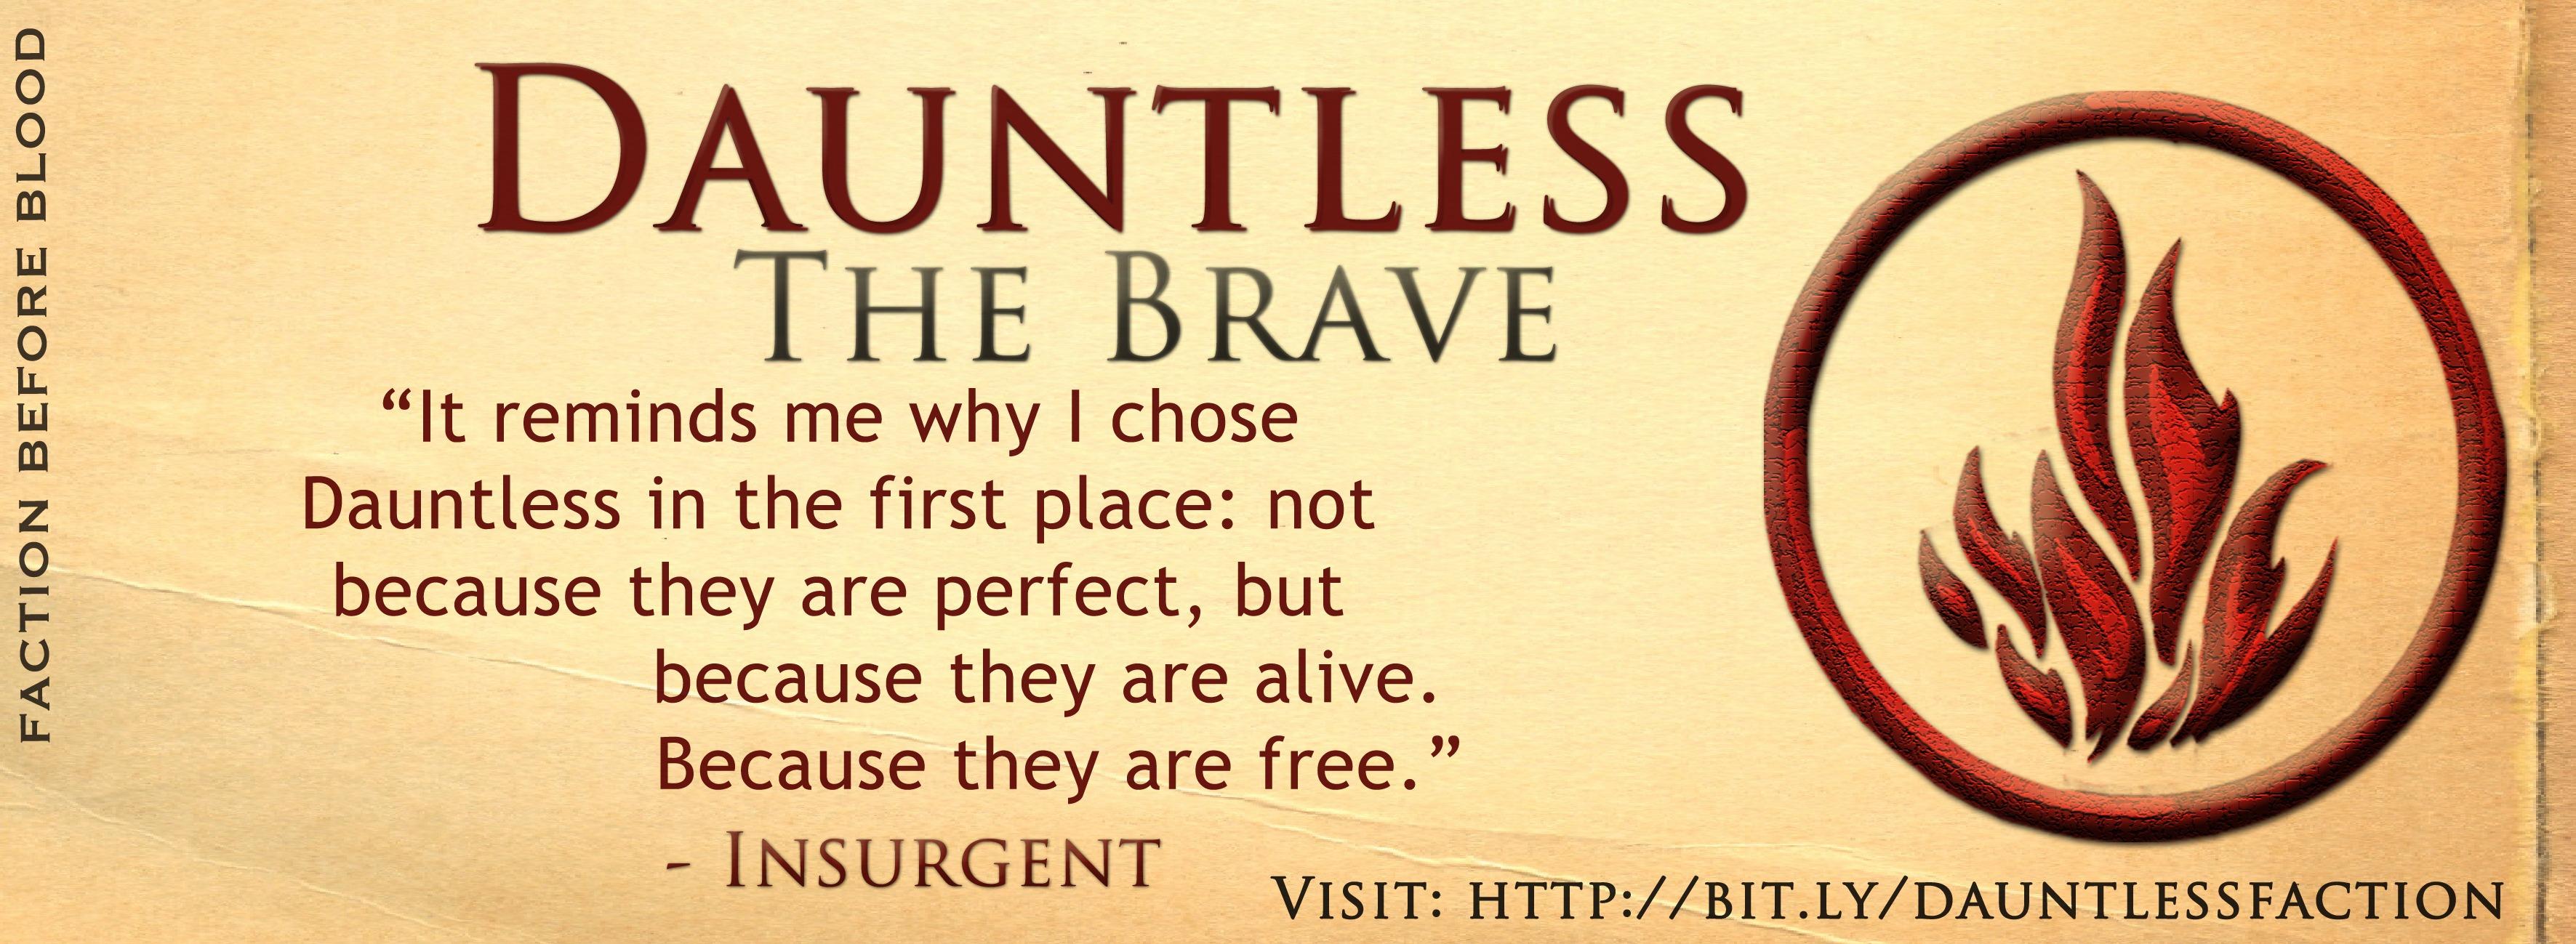 divergent quotes dauntless - photo #21